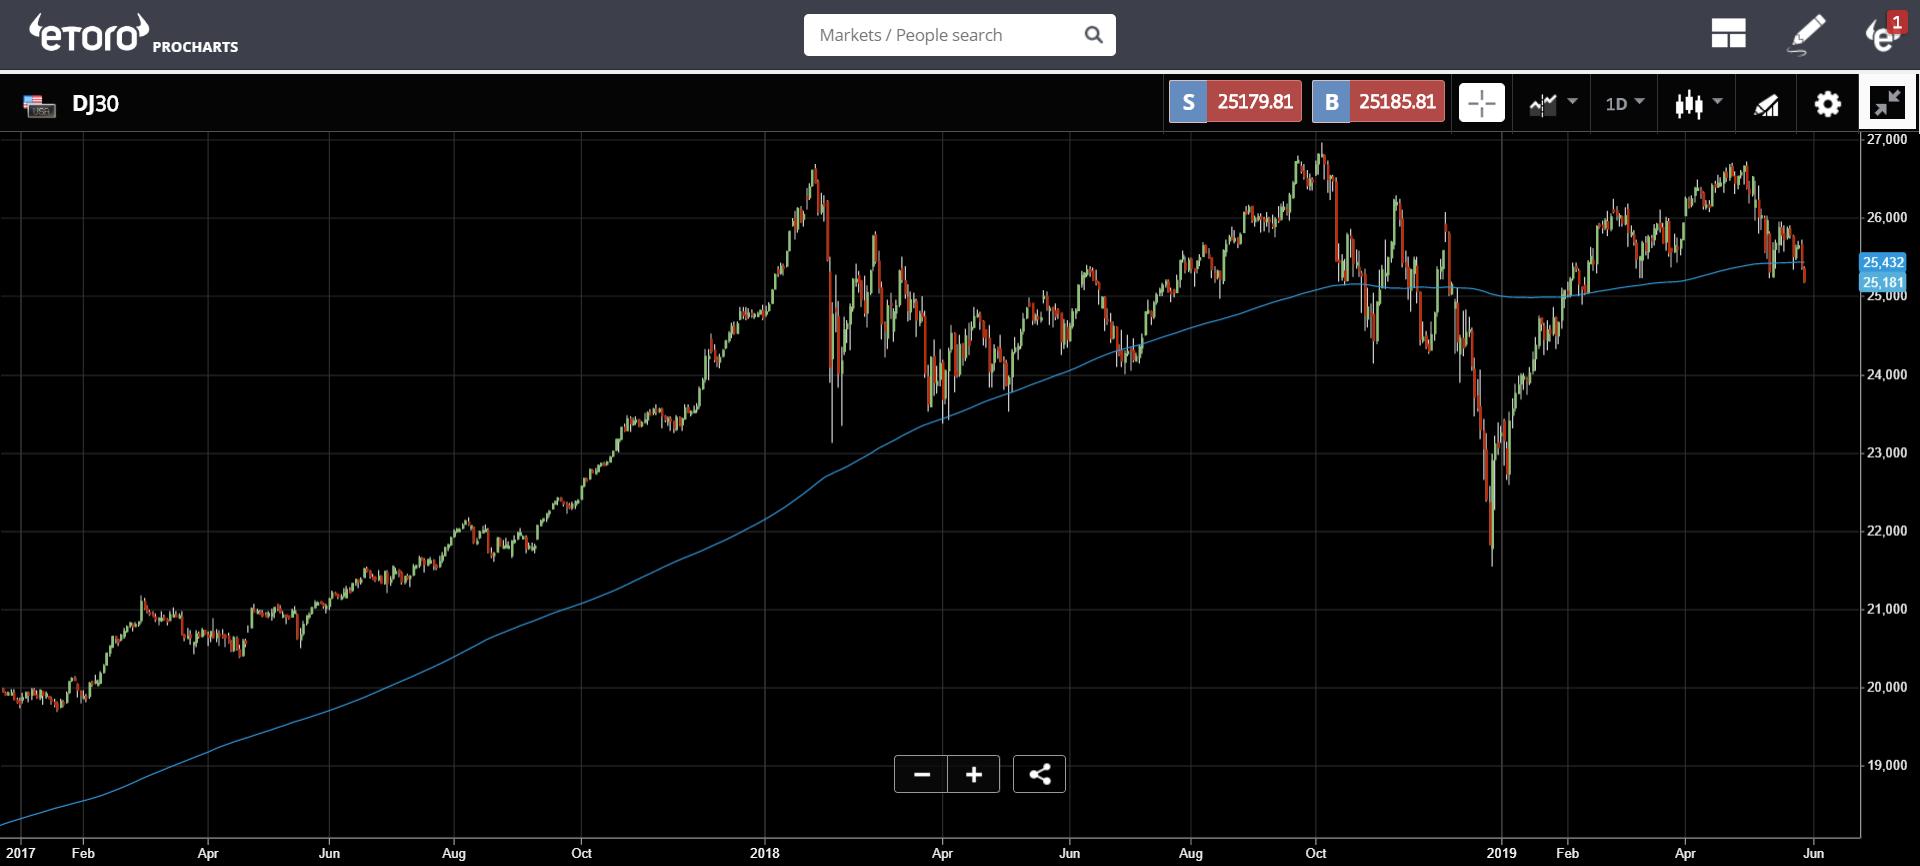 Dow 30